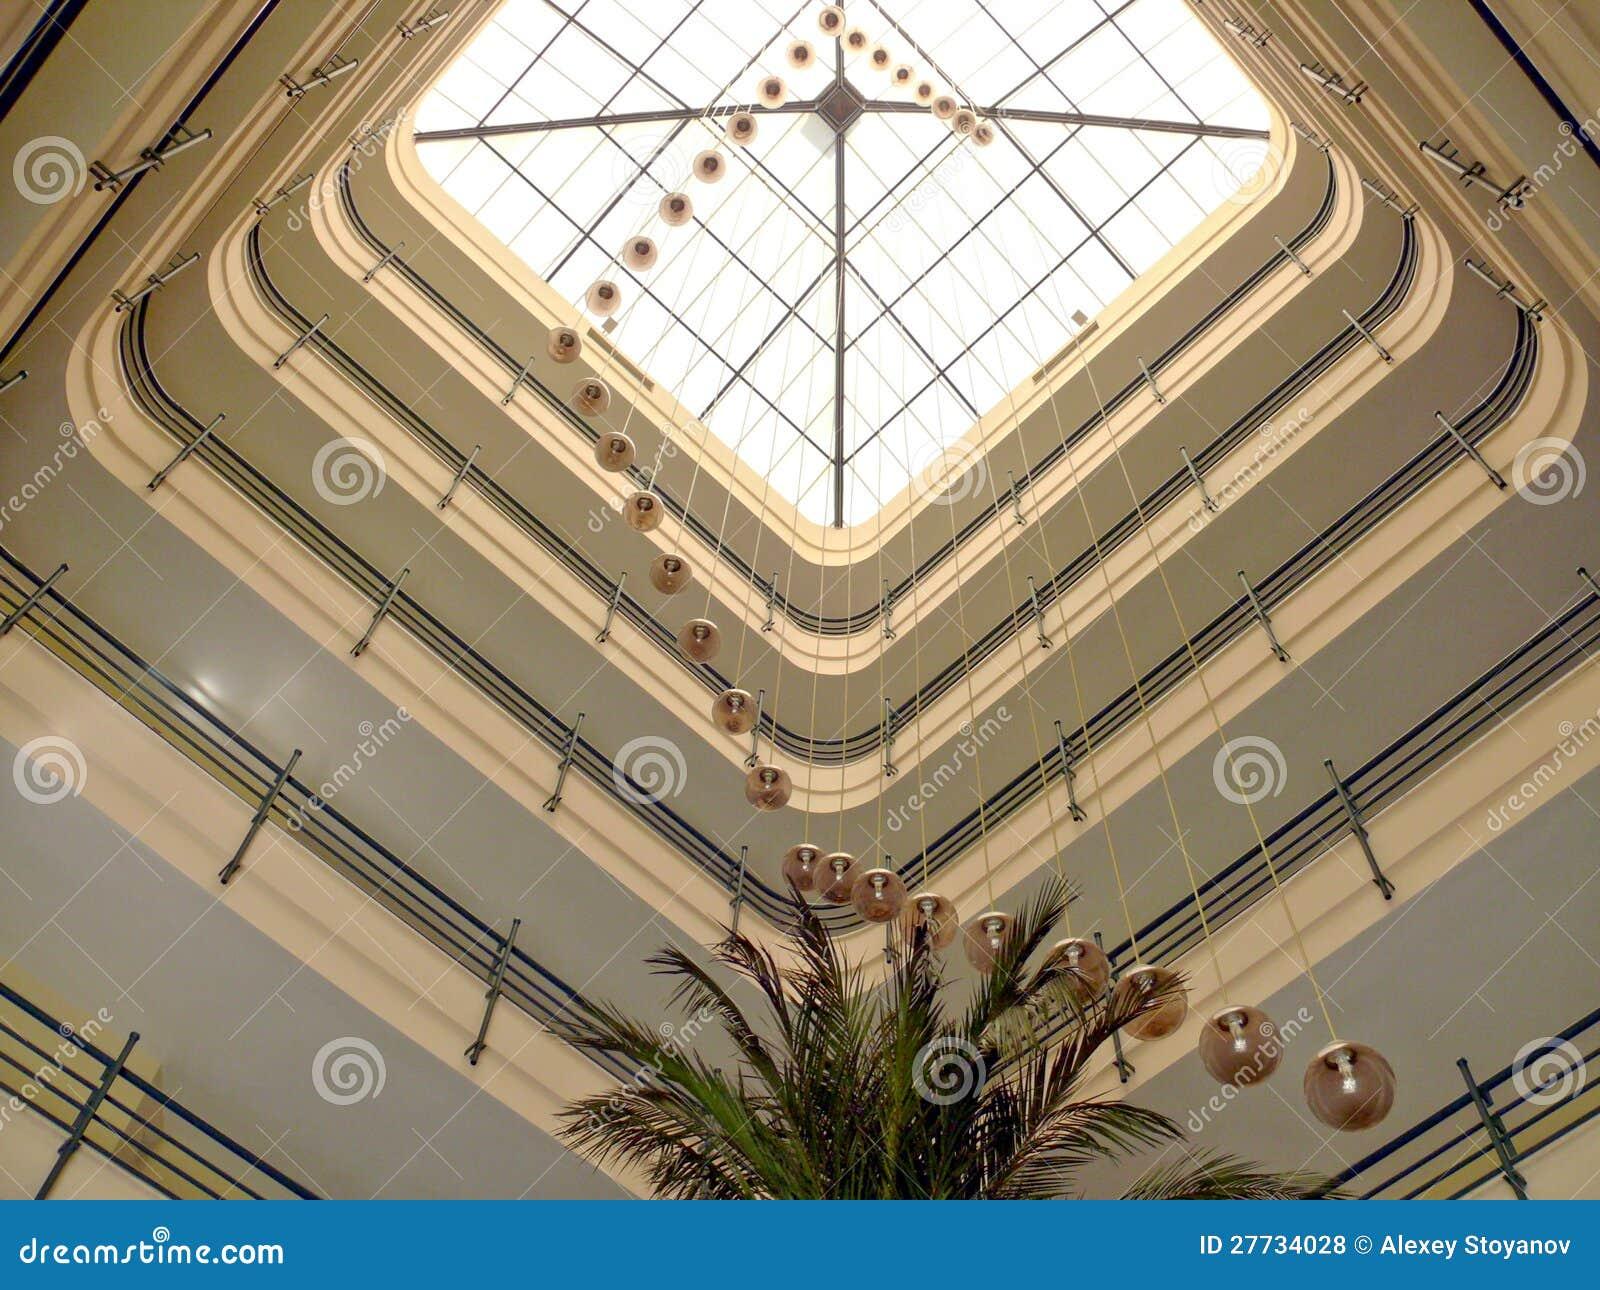 Innenraum einer Hotelvorhalle